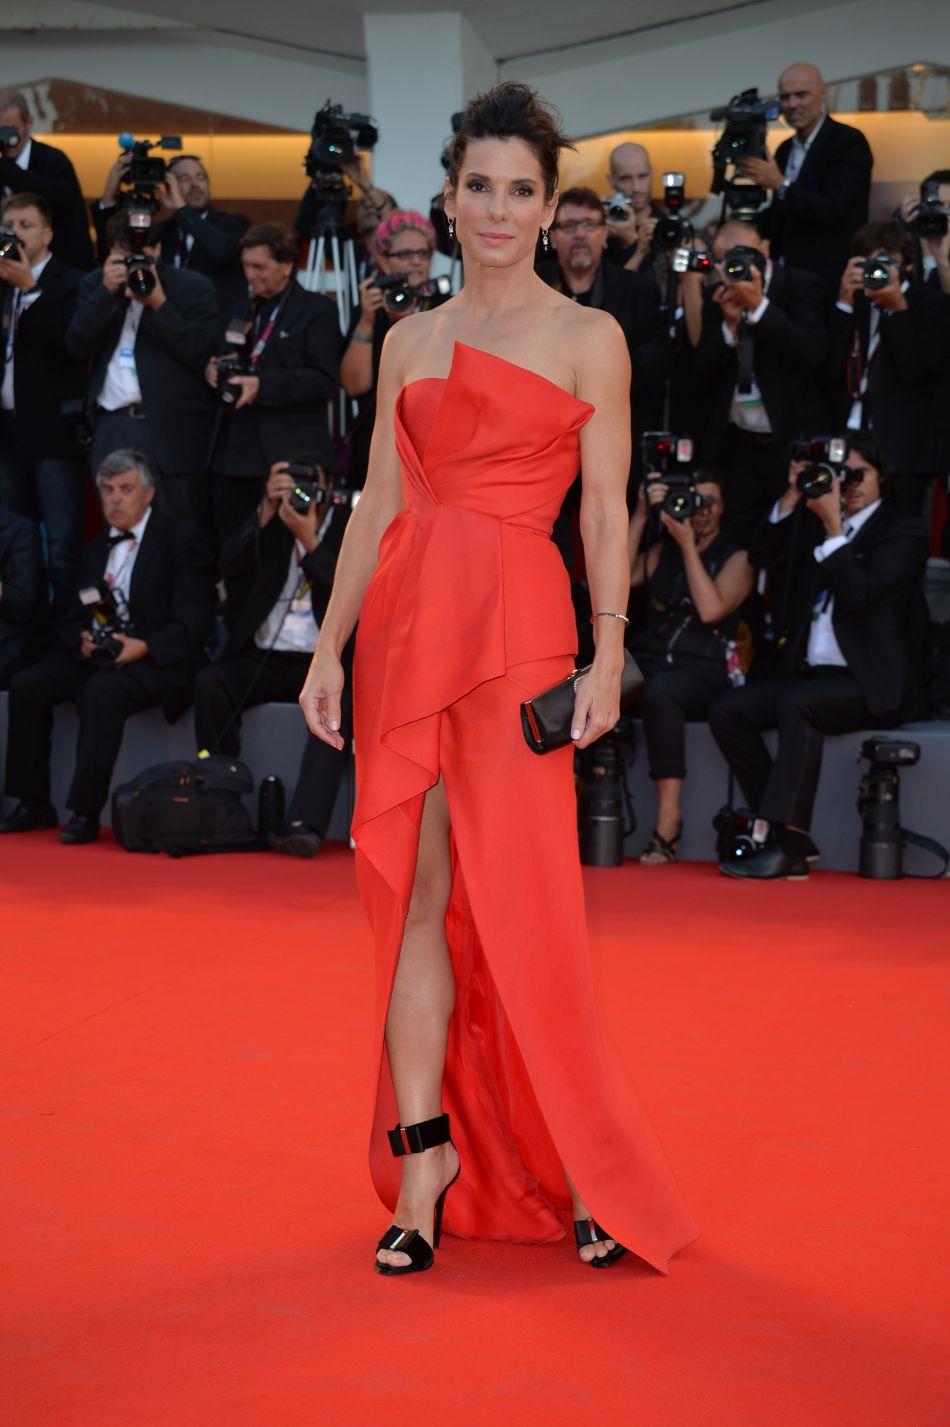 """Août 2013 : pour la présentation de son film """"Gravity"""" au festival du film de Venise, Sandra Bullock adopte cette fois-ci une création J. Mendel. Le fendu est renversant !"""